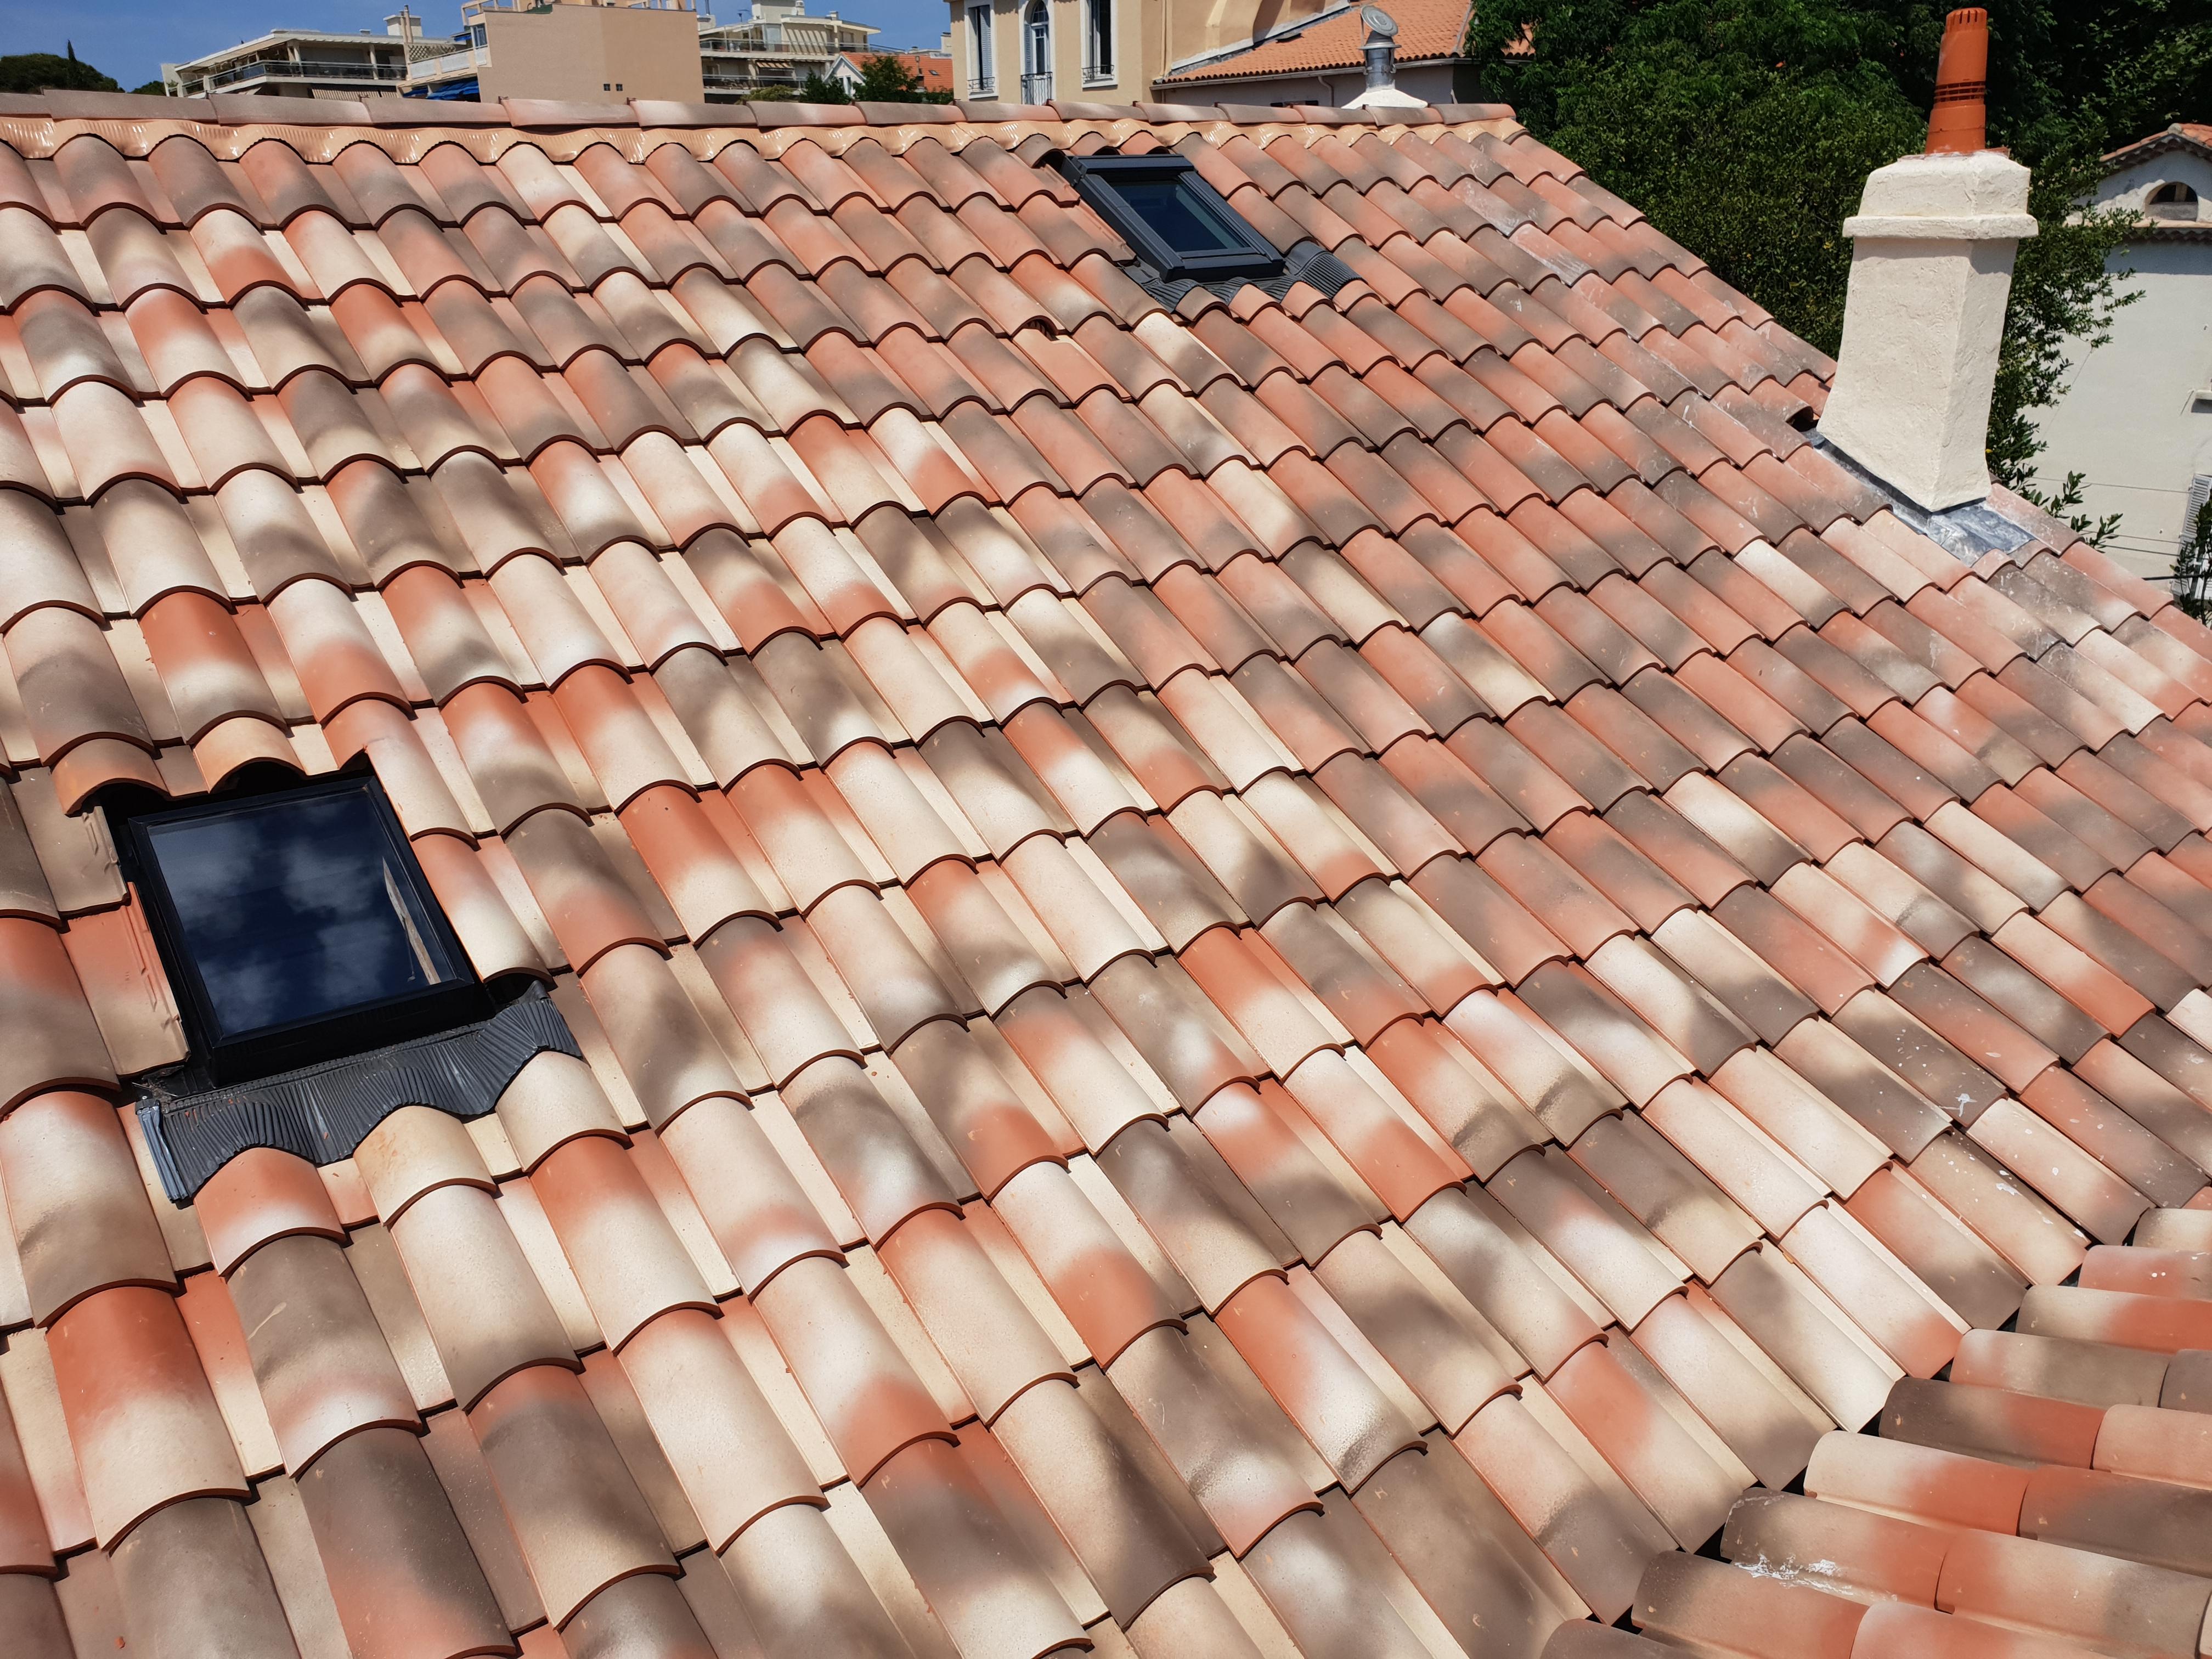 toiture avec flexoutuiles et chassis de toit